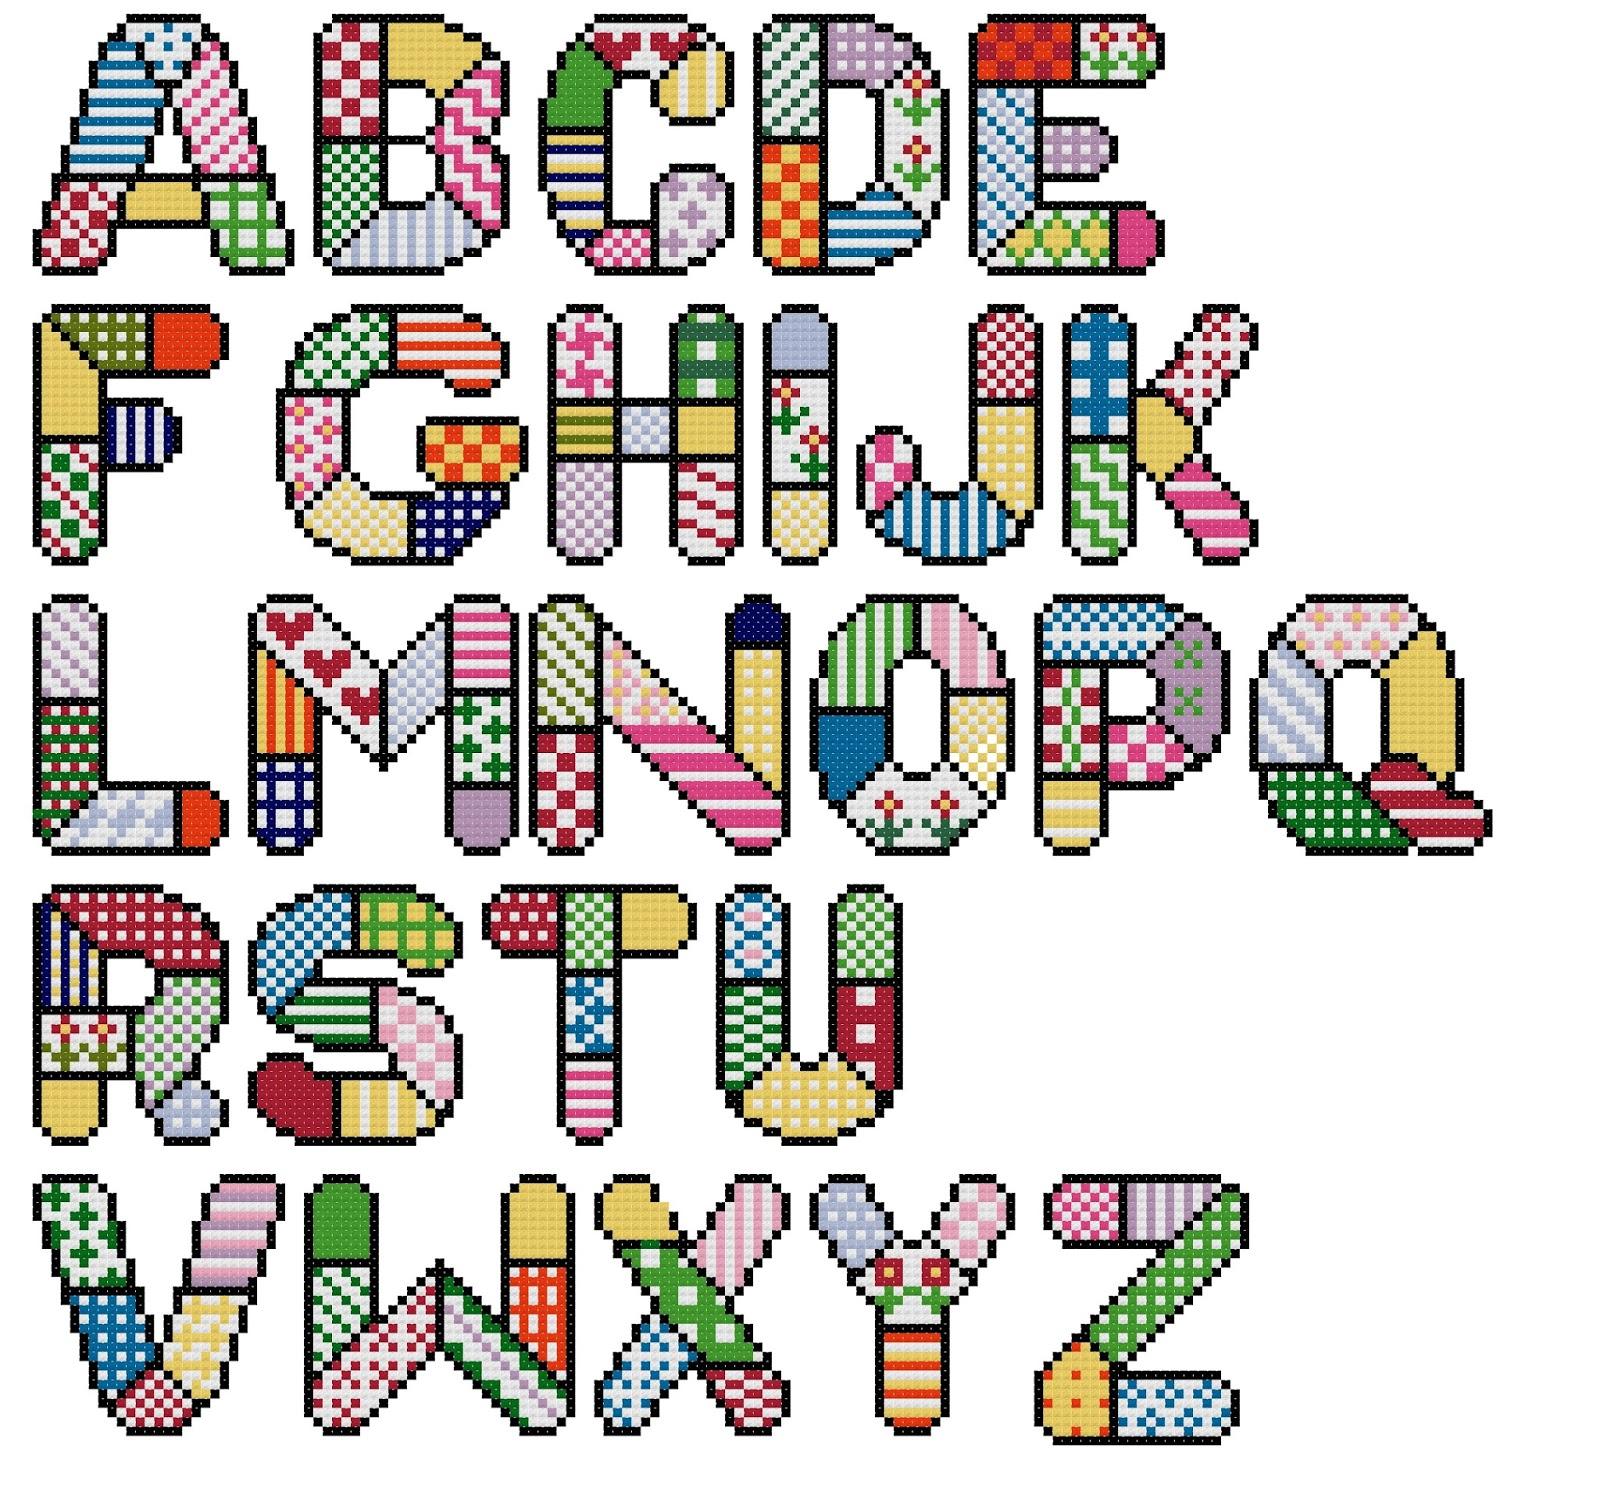 Abecedario para patchwork - Imagui